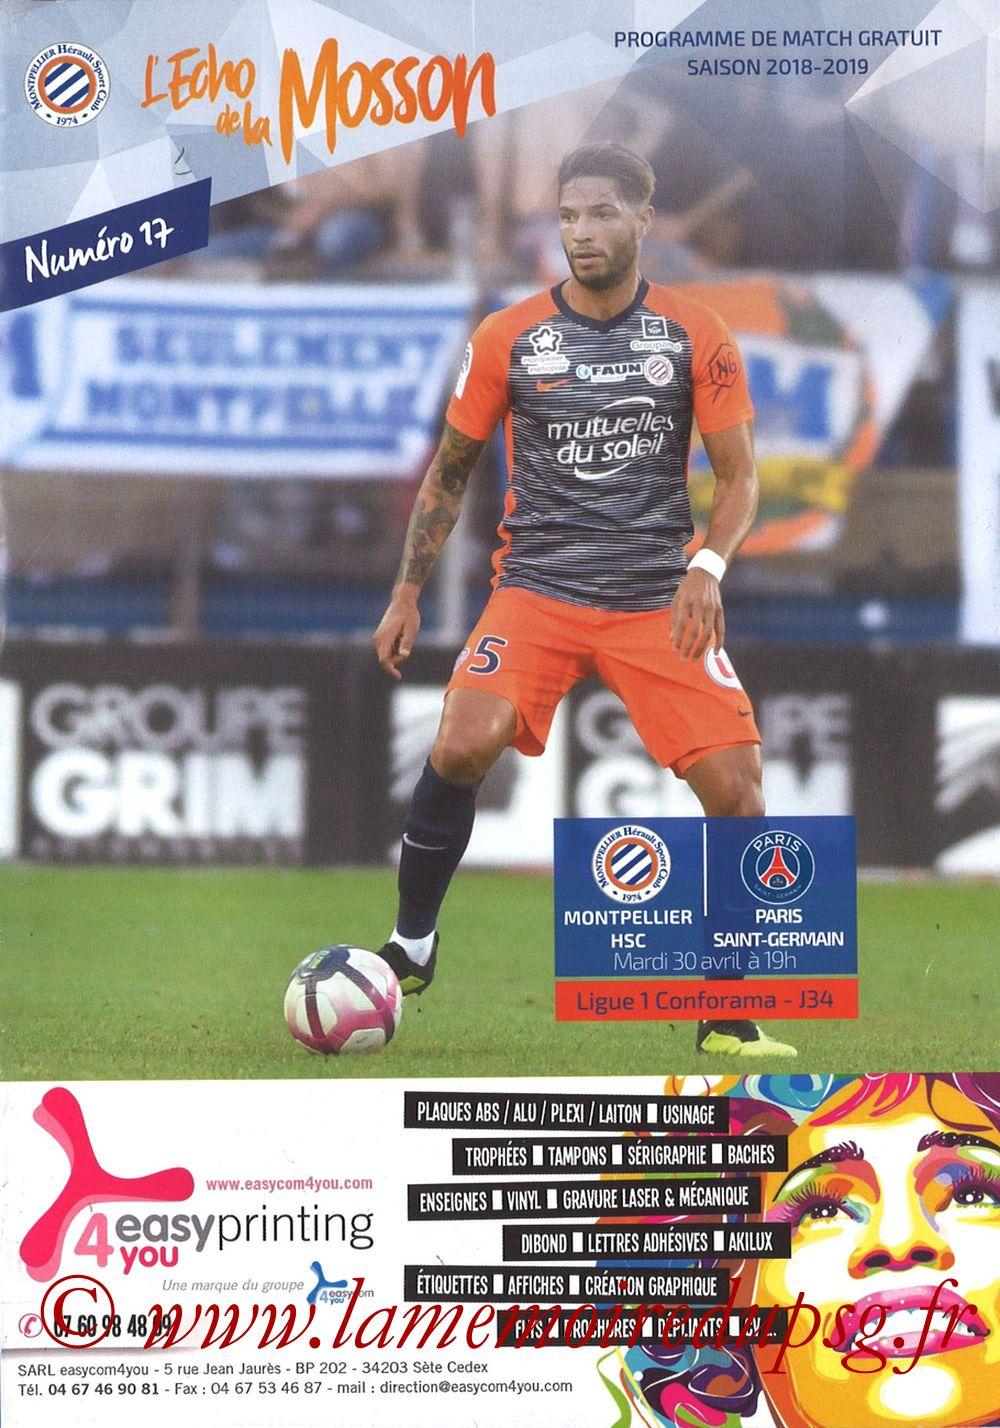 2019-04-30  Montpellier-PSG (34ème L1, L'Echo de la Mosson N°17)